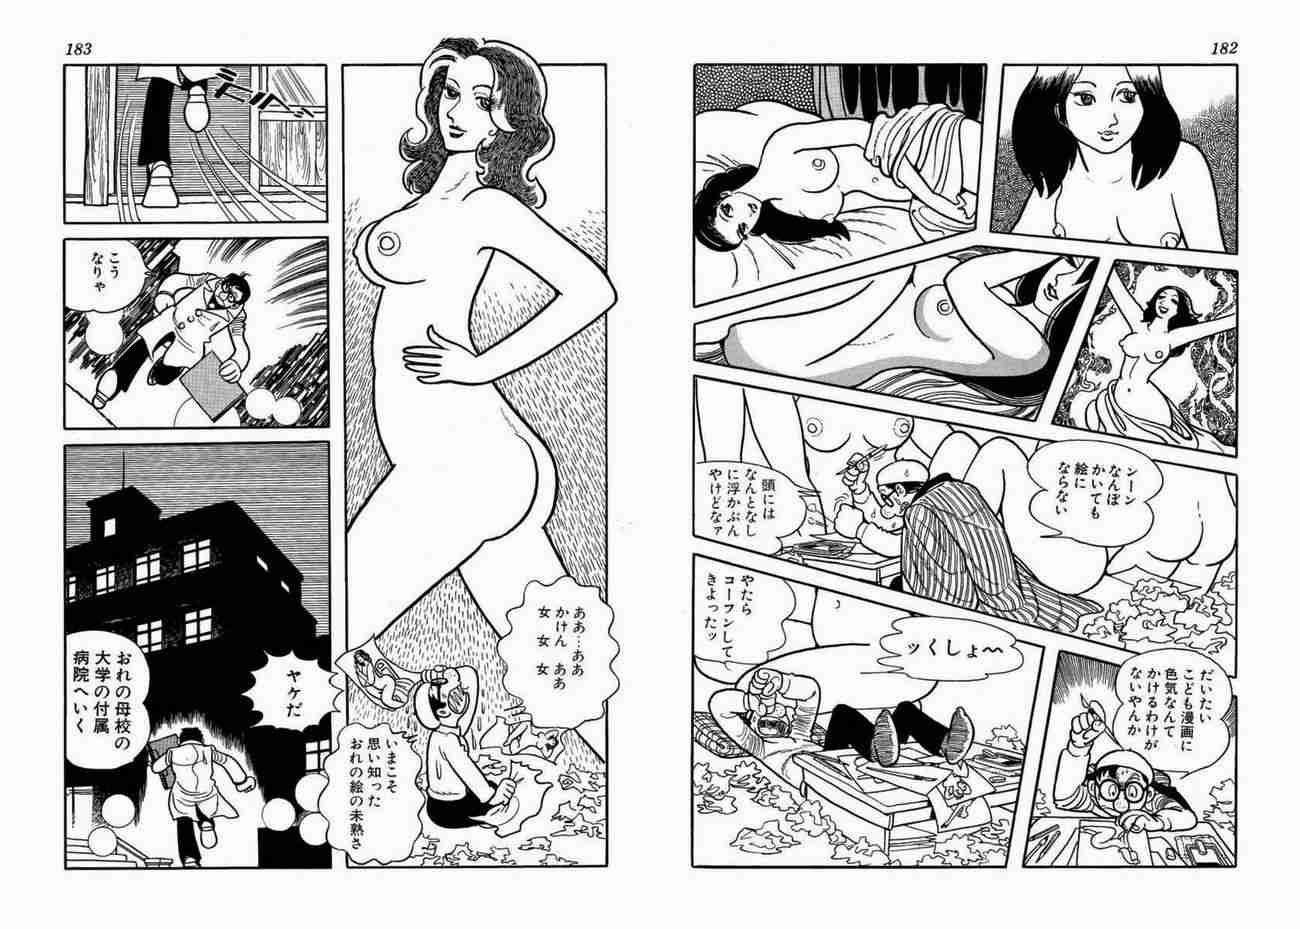 手塚治虫「秘蔵」のエロス 仕事場に眠る遺稿を初公開